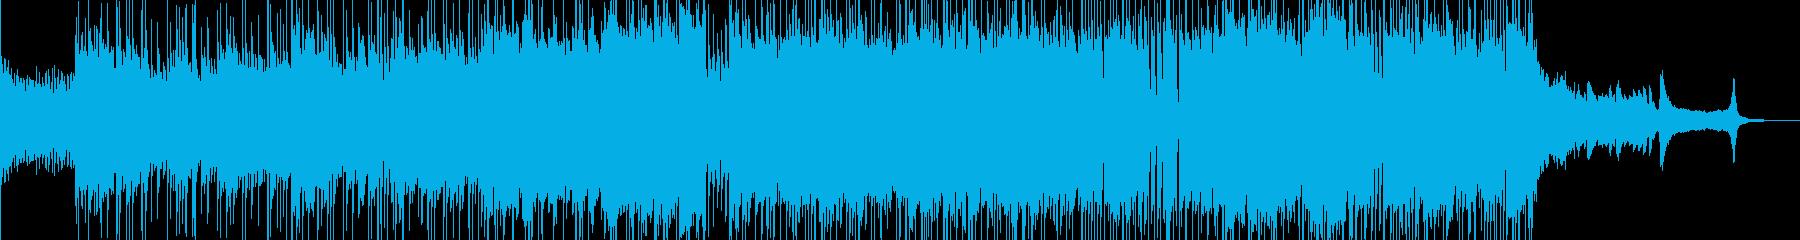 アオハル 前向きに走りだすポップス Cの再生済みの波形